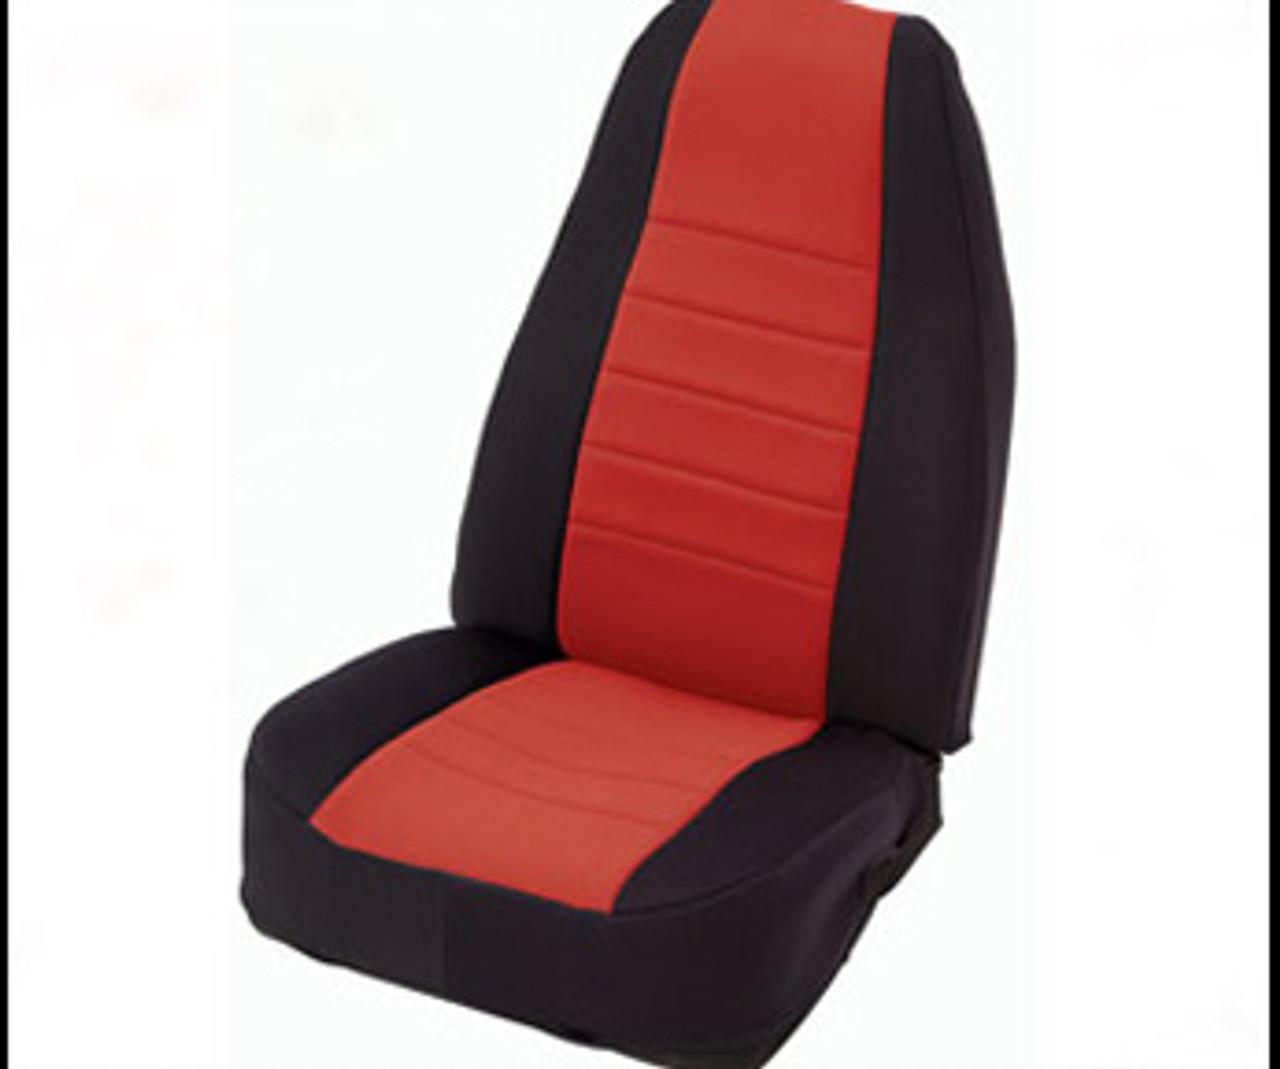 Smittybilt Neoprene Seat Cover in Black/Red